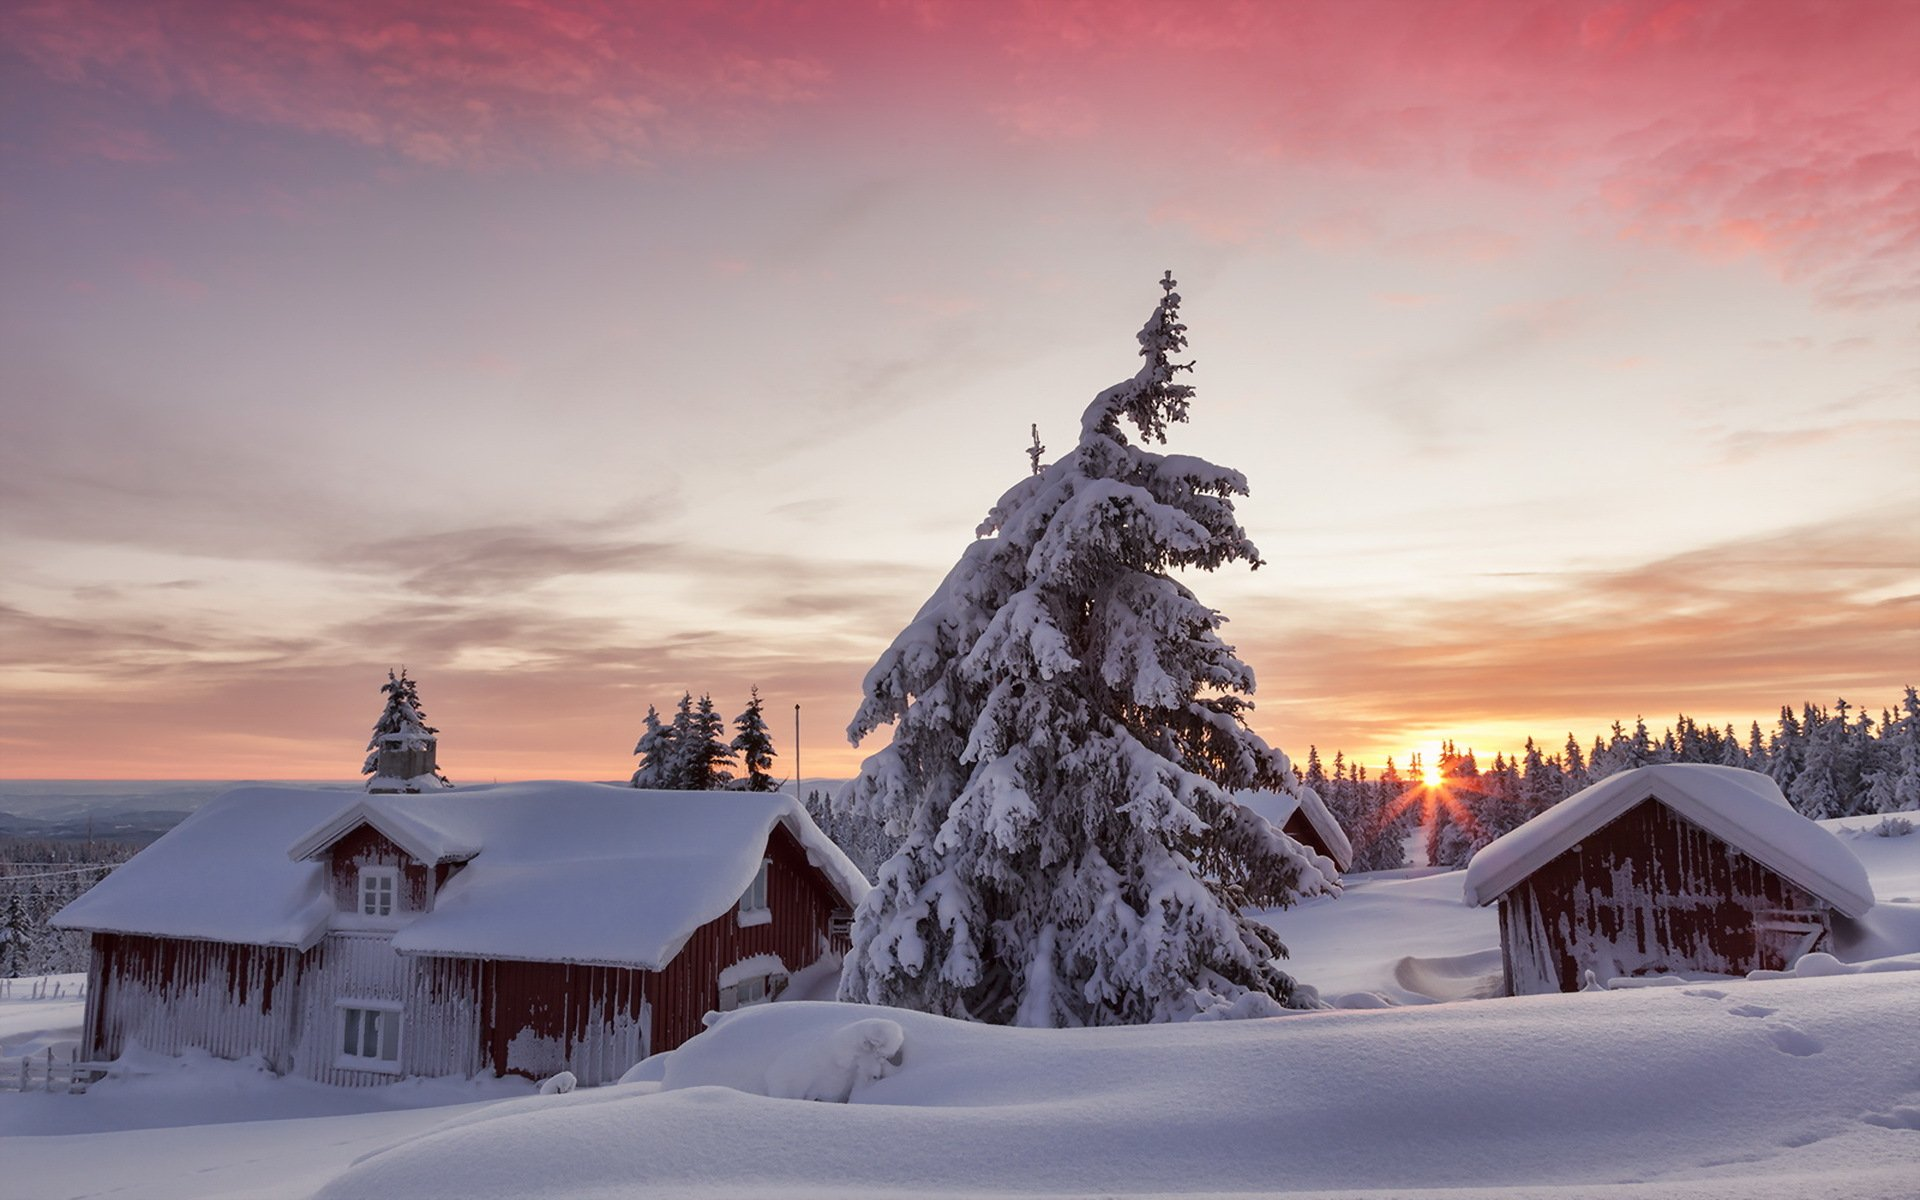 снег зима деревня рассвет  № 2479397 бесплатно